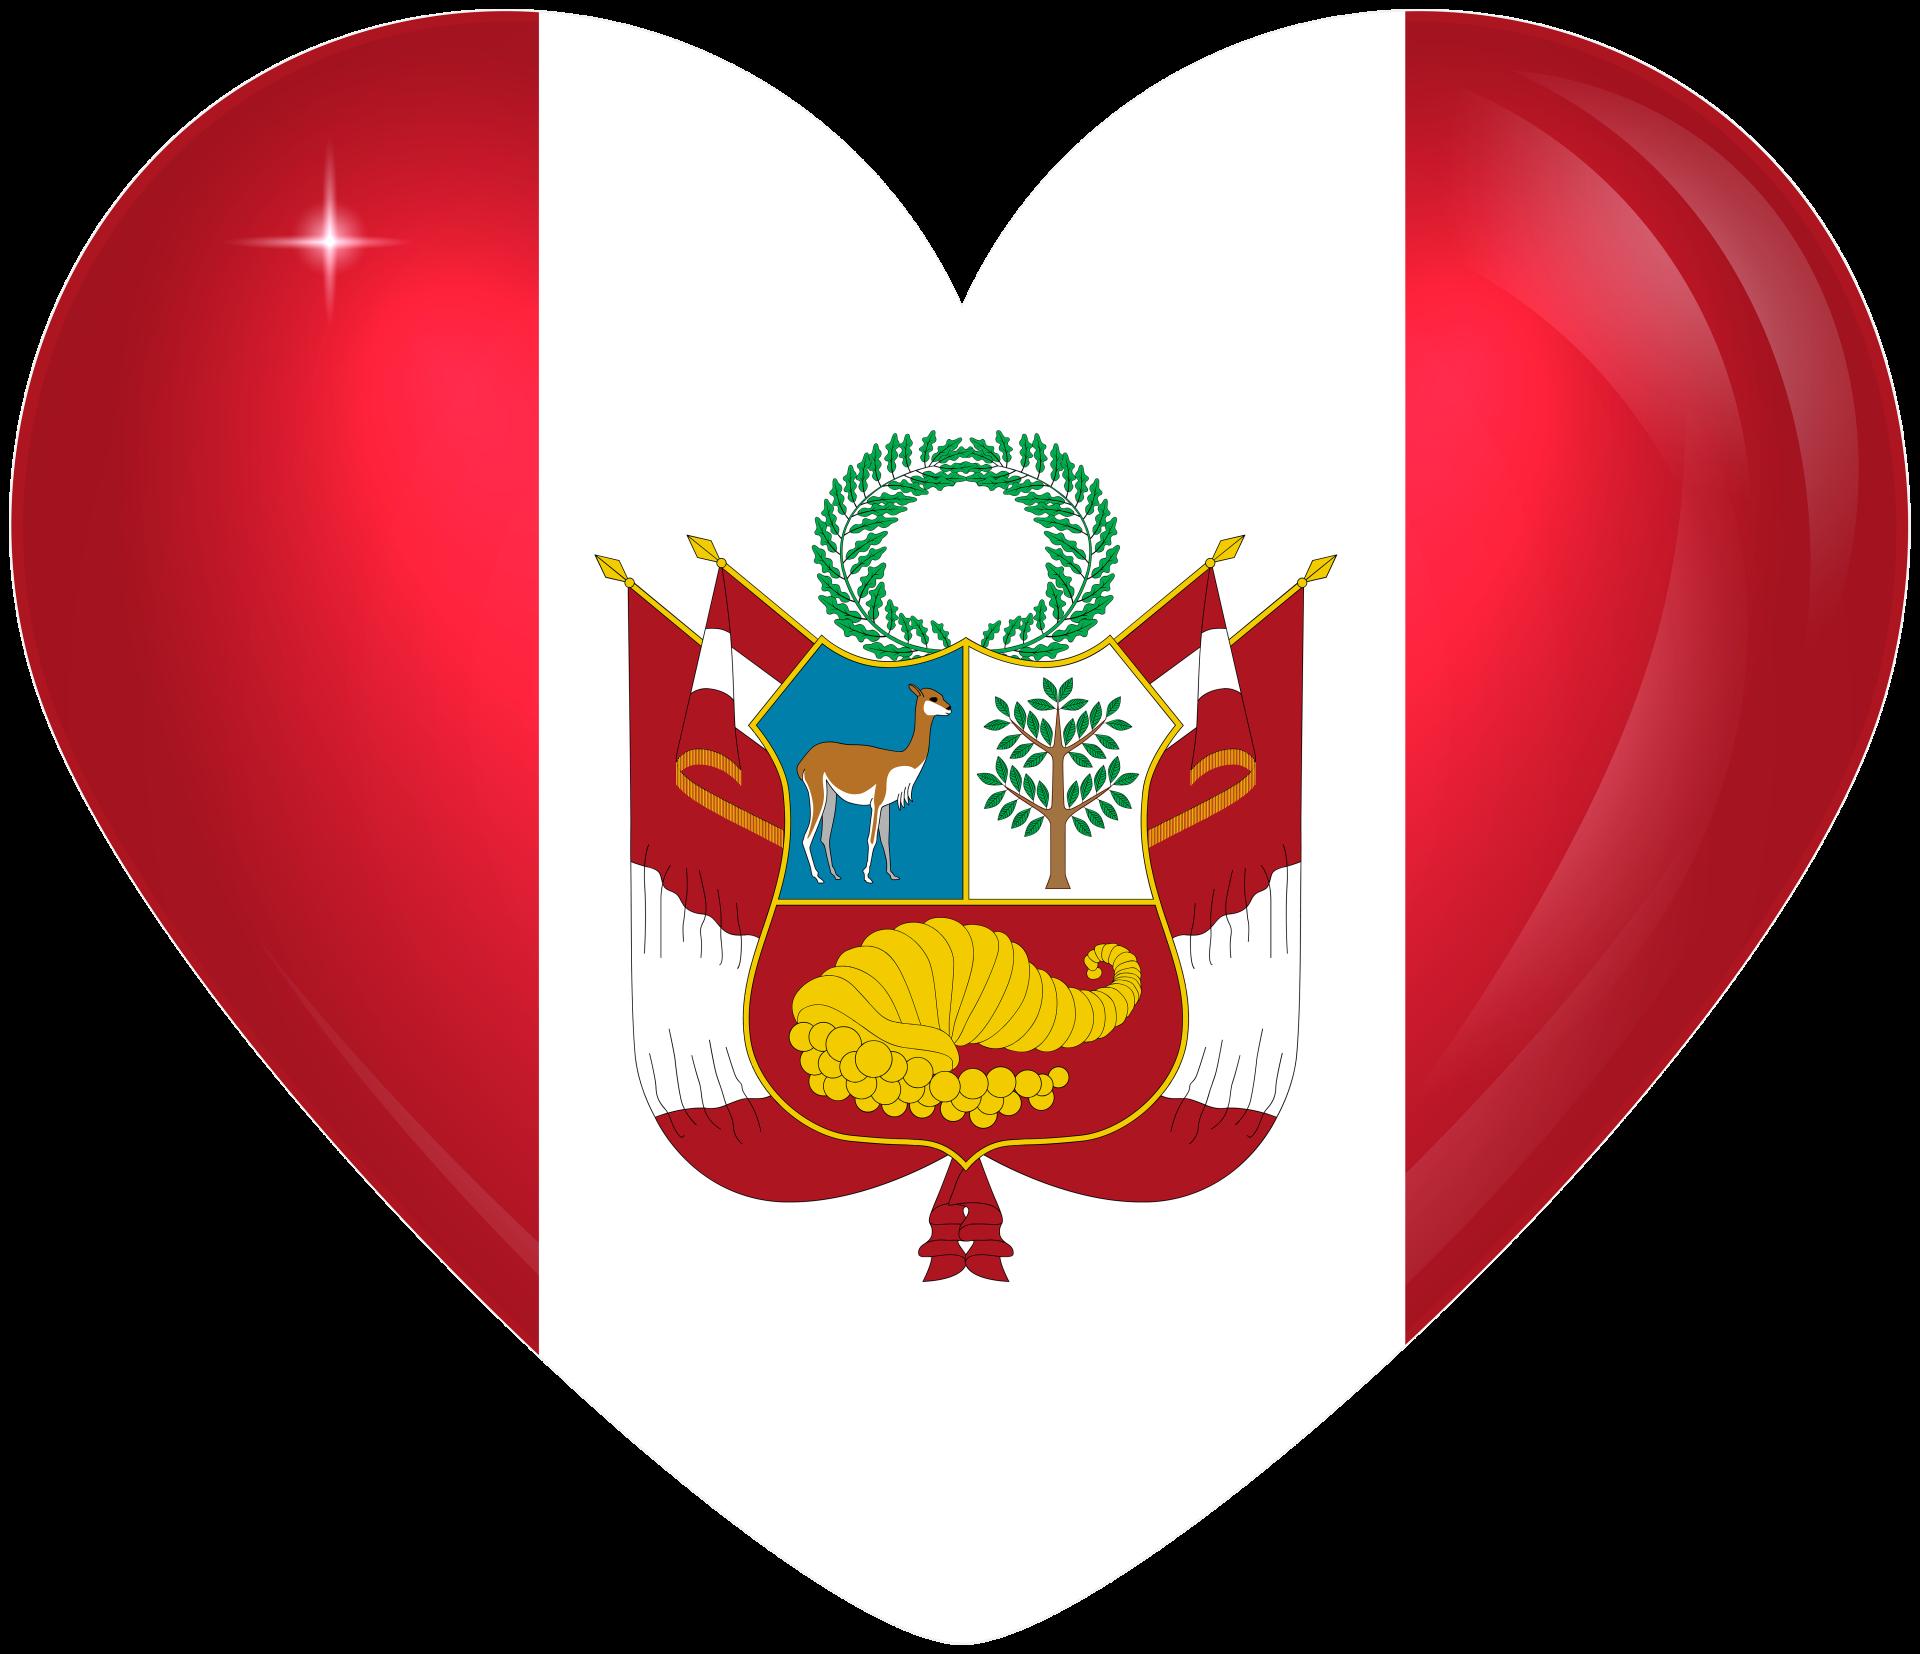 Flag Of Peru 5k Retina Ultra Fondo De Pantalla Hd Fondo De Escritorio 6000x5169 Id 1026858 Wallpaper Abyss